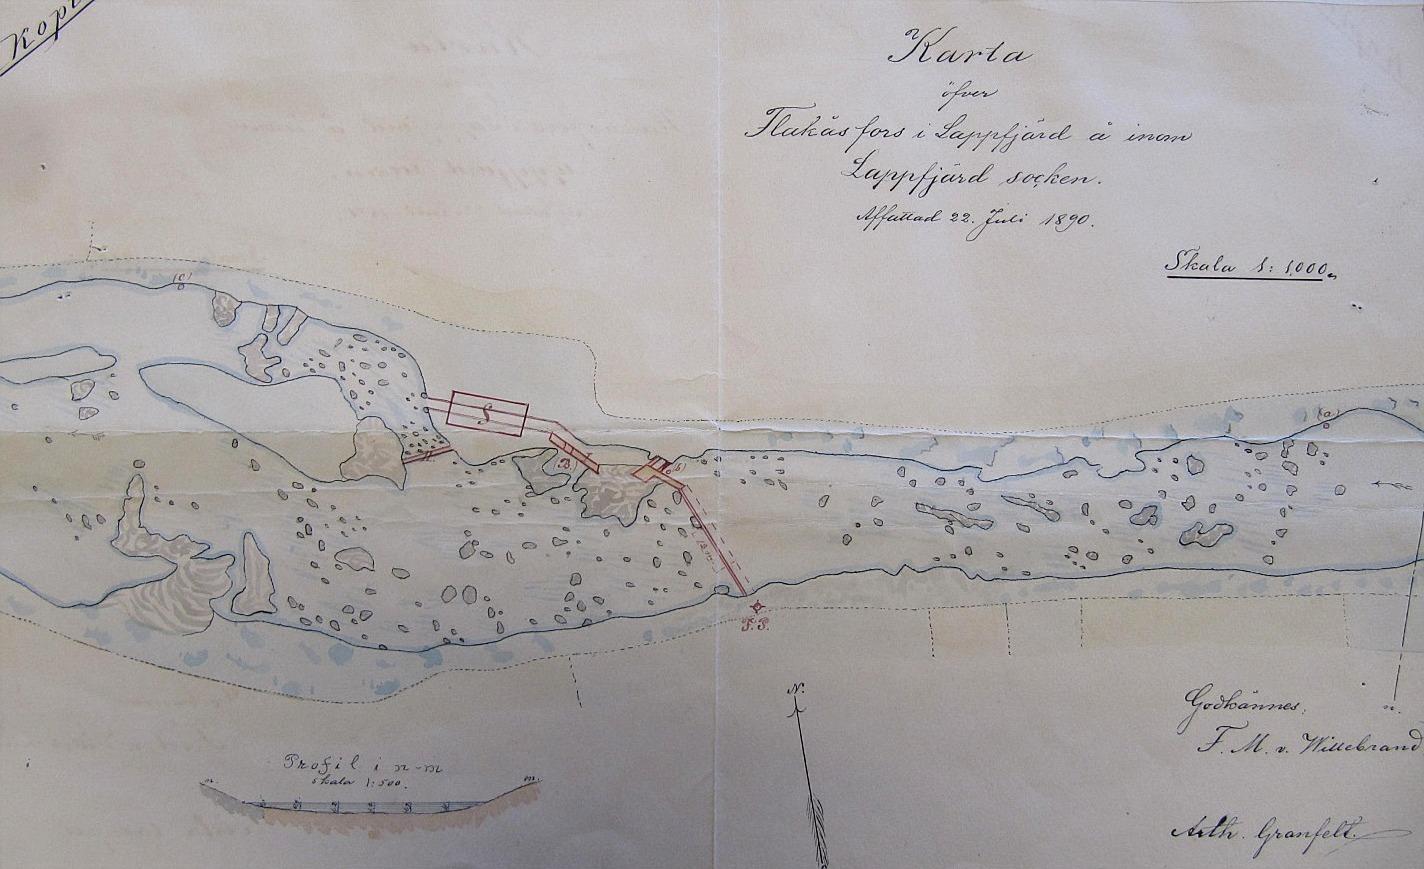 I Storfors finns Flackåsforsen eller Landgärdsforsen och där hade det funnits en kvarn och såg sedan år 1781. Först på åns södra sida men i slutet på 1800-talet byggdes den på den norra sidan. Denna fors har en fallhöjd på 1,2 m. Här en karta från 1890 över Flackåsforsen där sågen finns utritad.